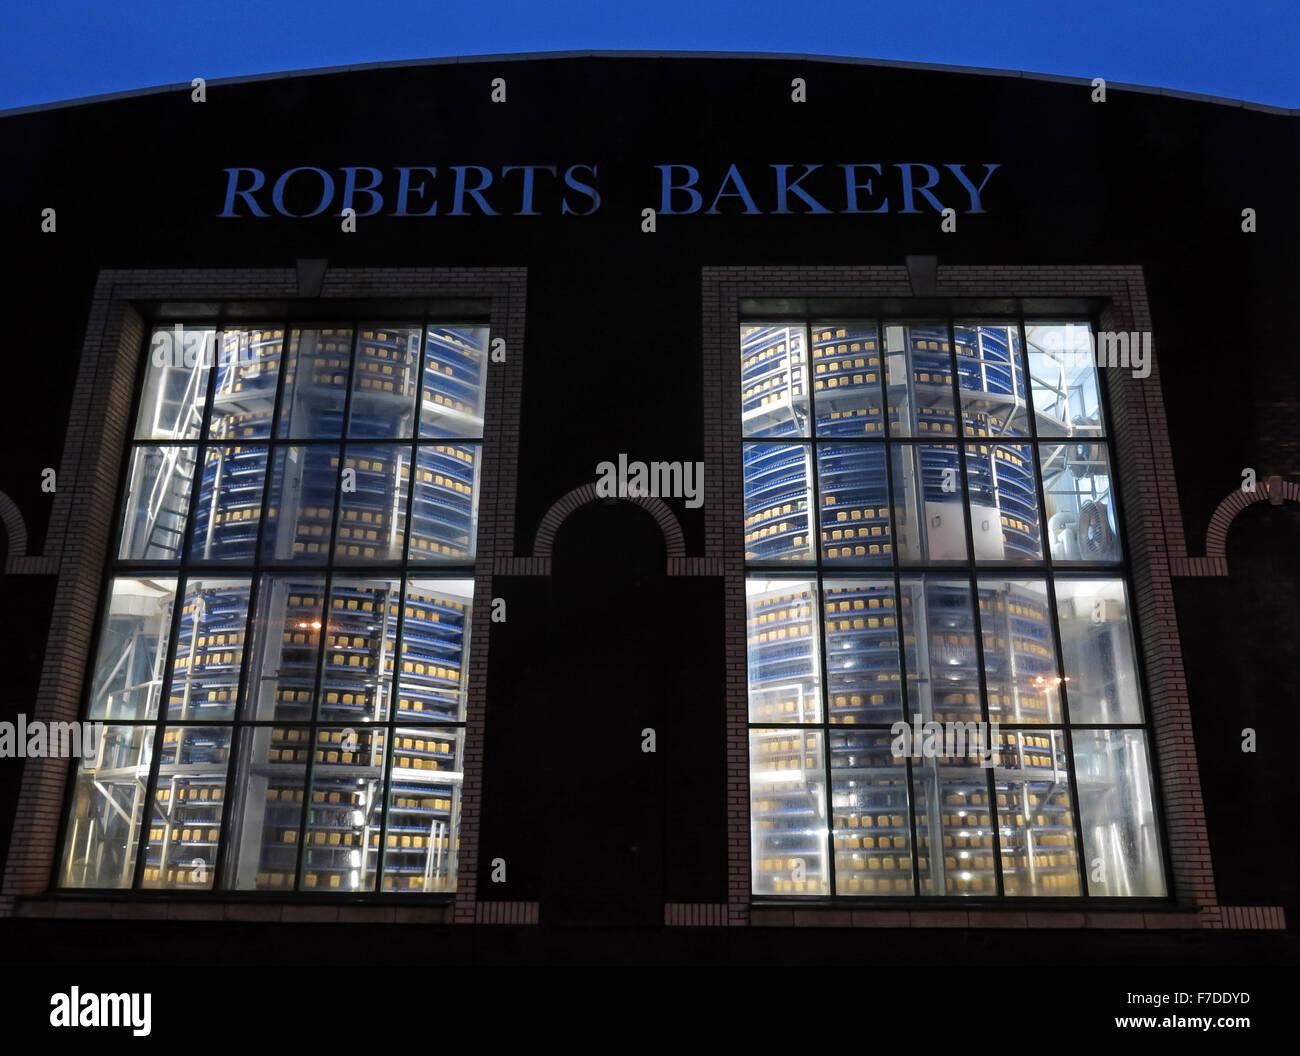 Laden Sie dieses Alamy Stockfoto Brot Kühler in Bäckerei Lebensmittel Fabrik, Northwich, Cheshire, England, UK - F7DDYD